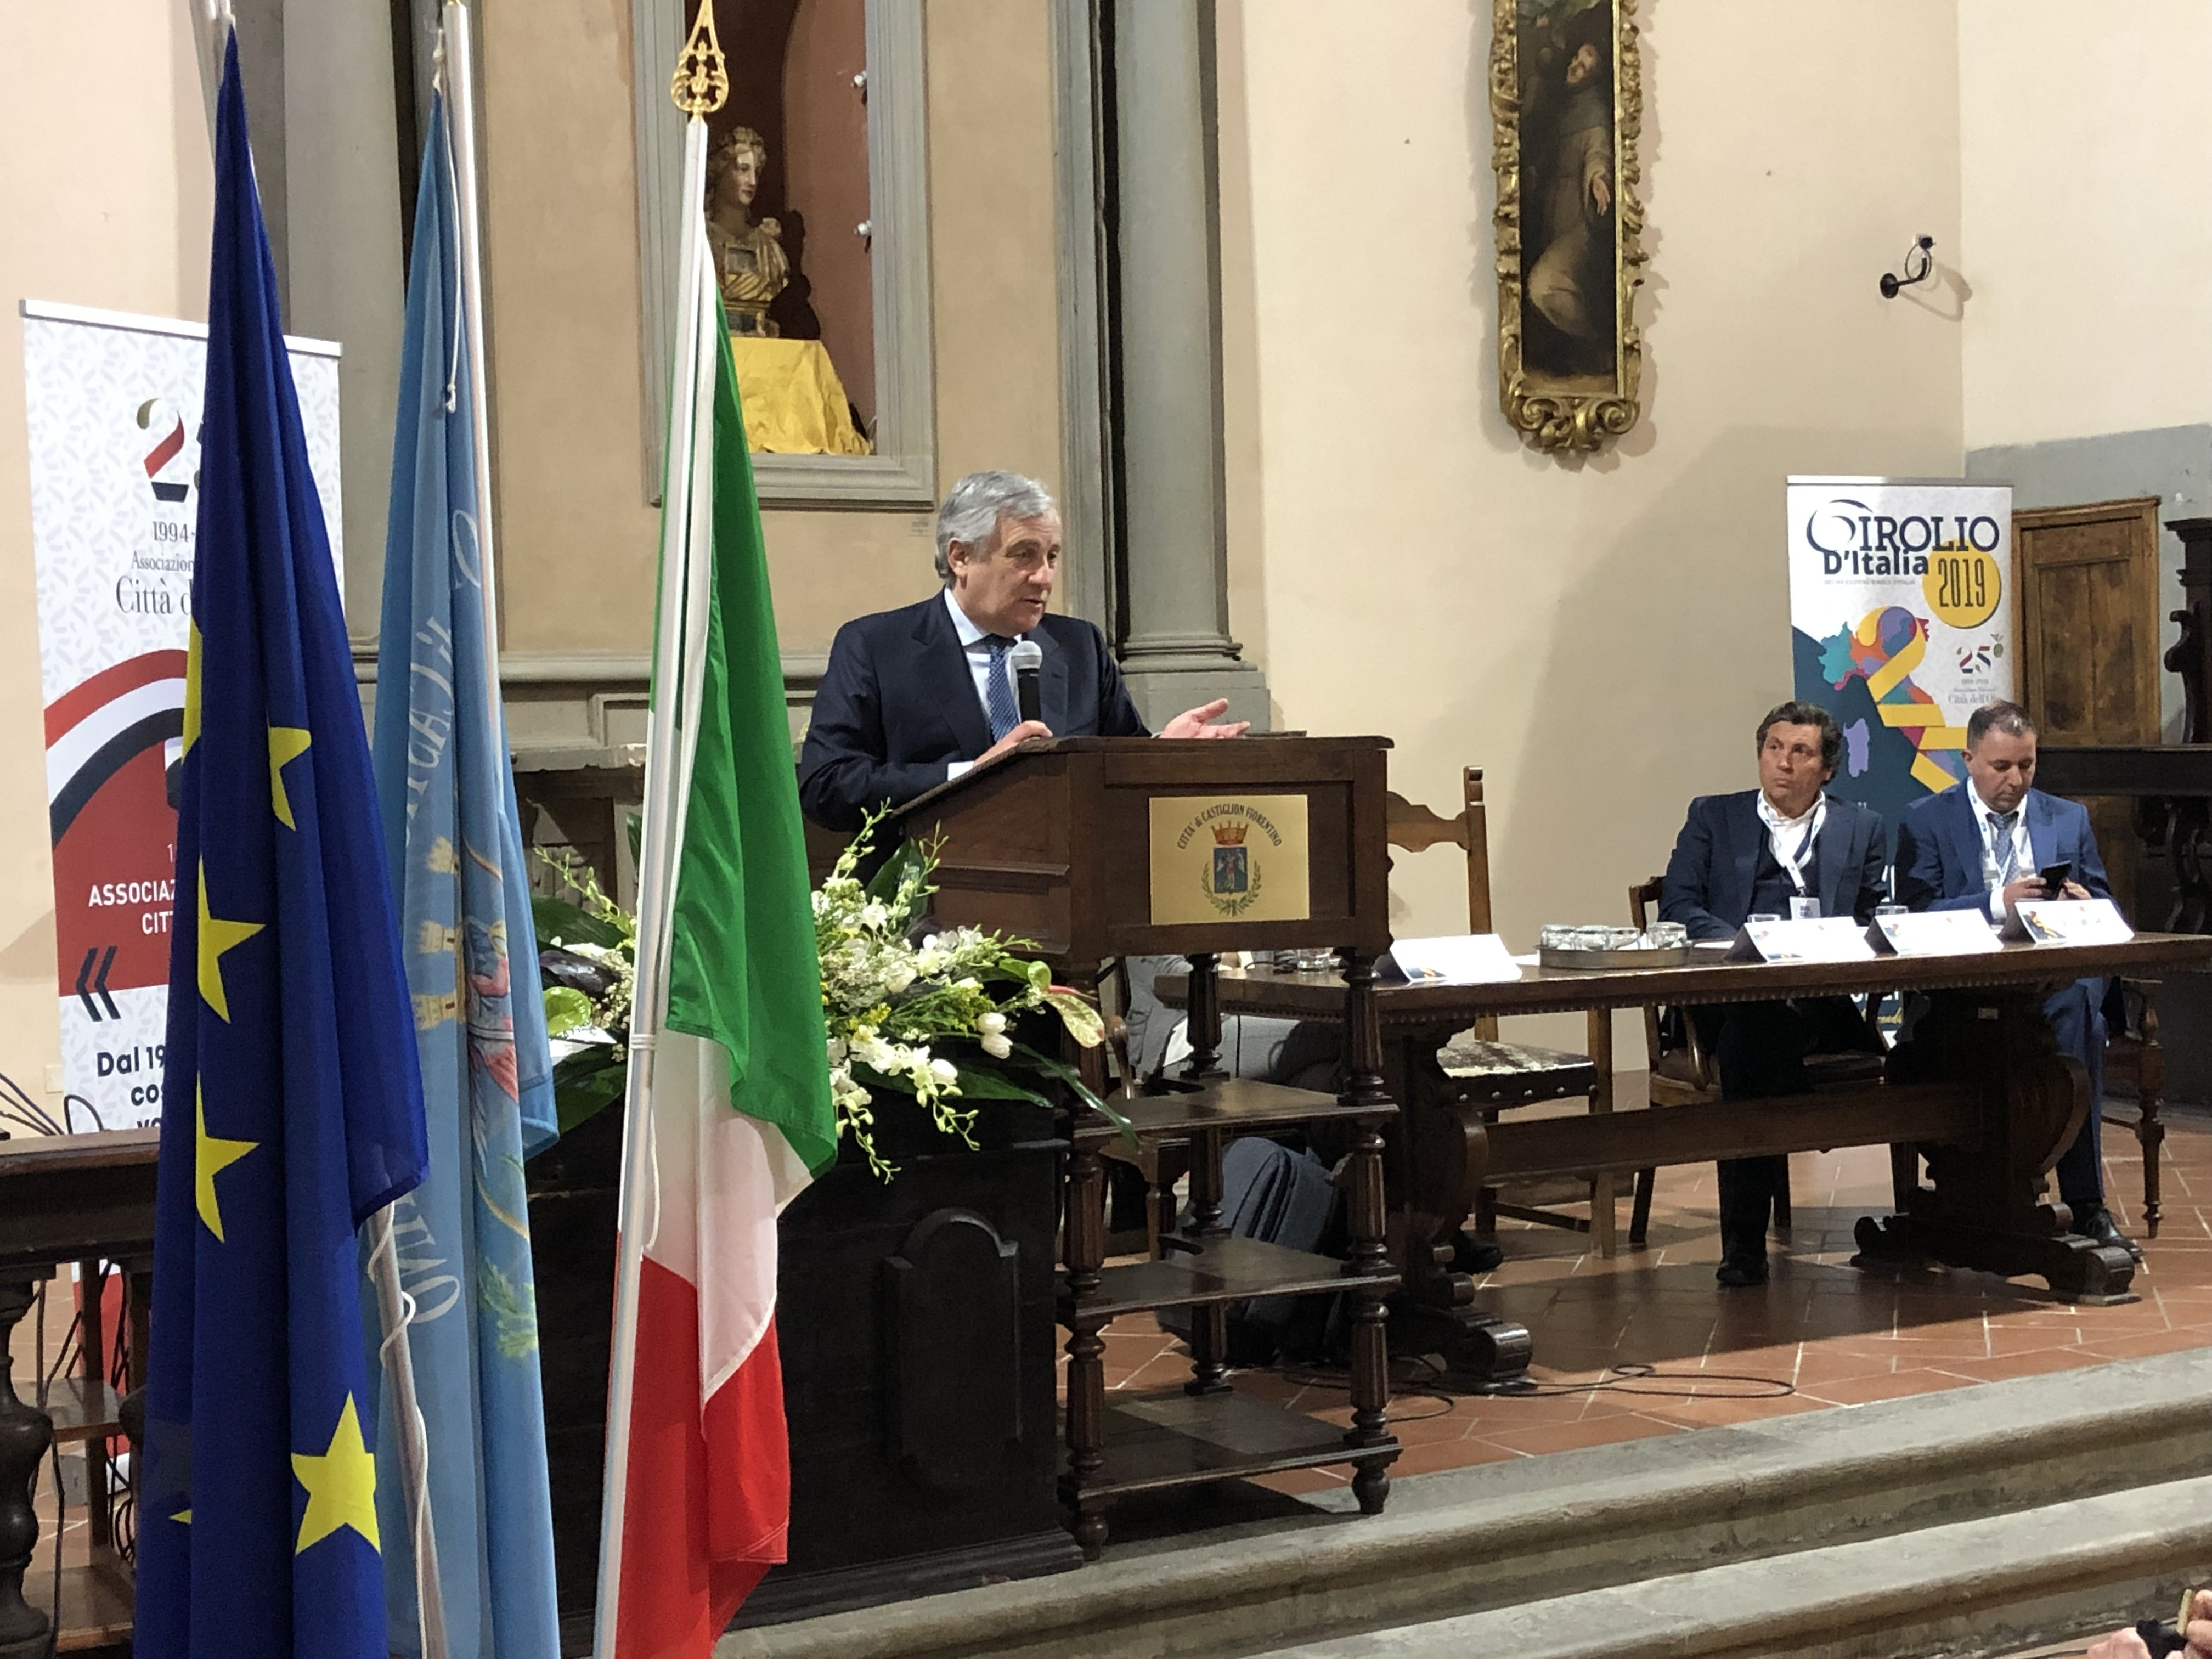 Tajani al girolio d'Italia a Castiglion Fiorentino 25